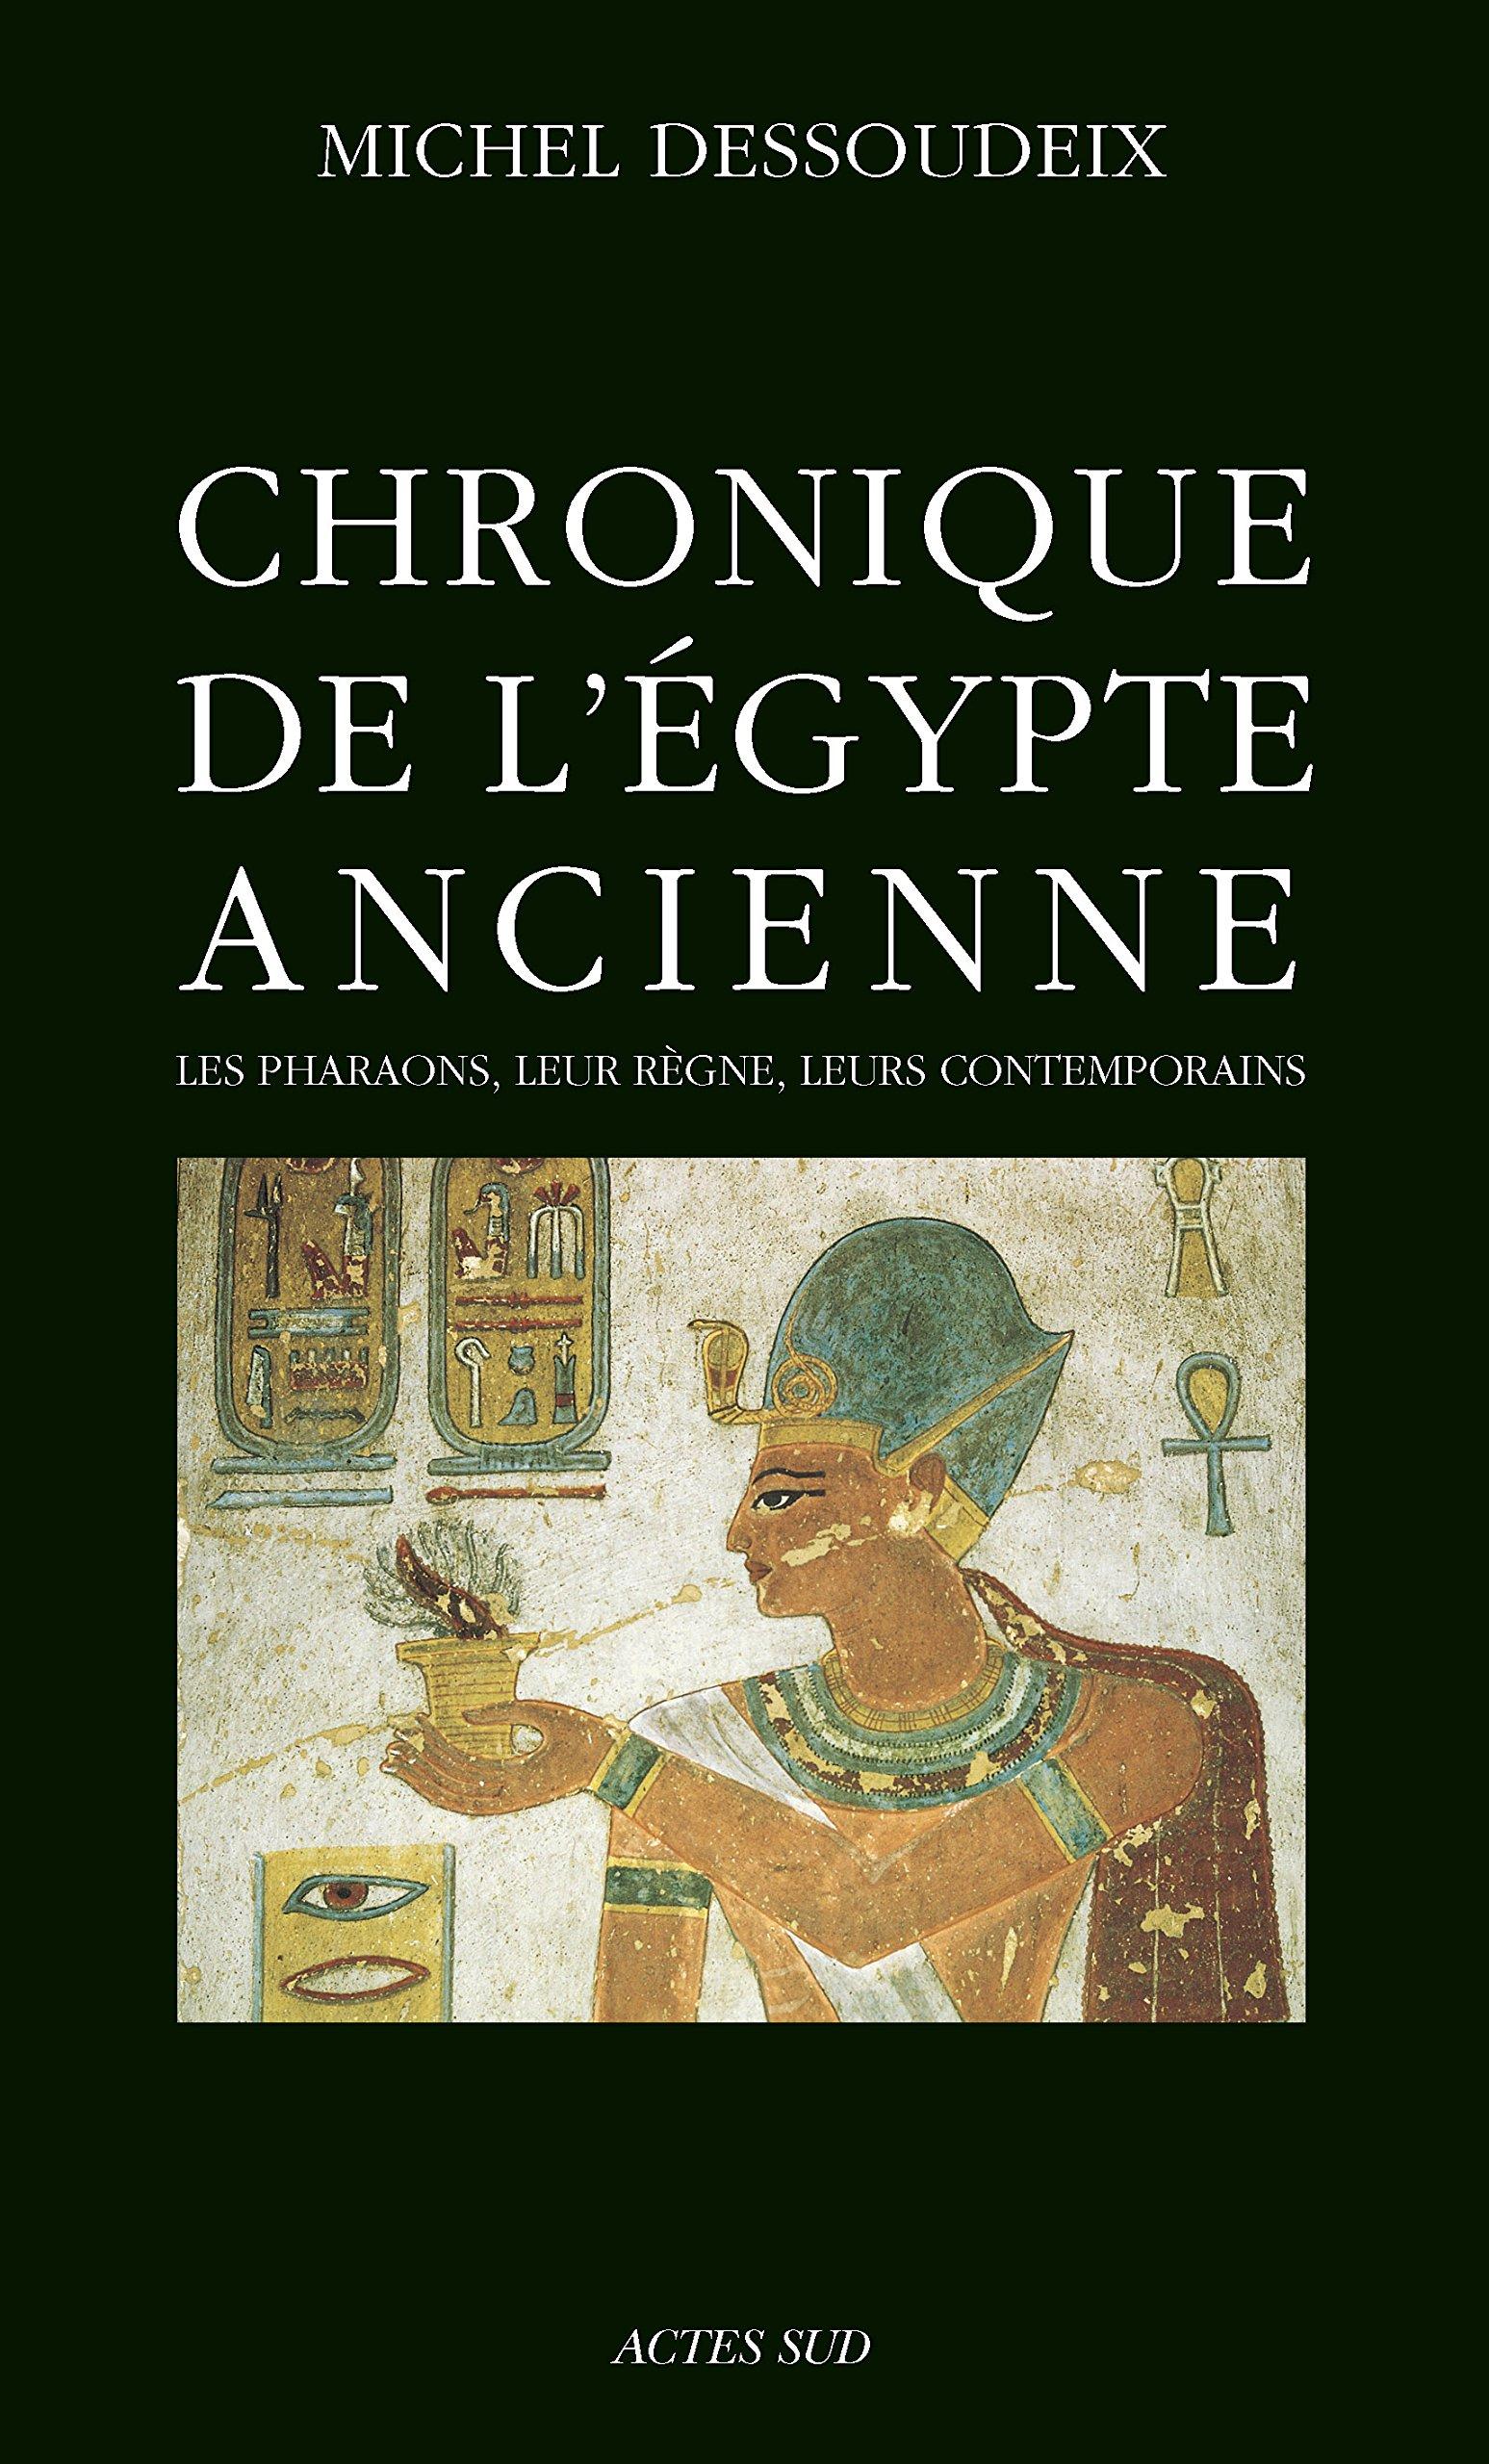 Chronique de l'Egypte ancienne: Les pharaons, leur règne, leurs contemporains (ESSAIS SCIENCES)